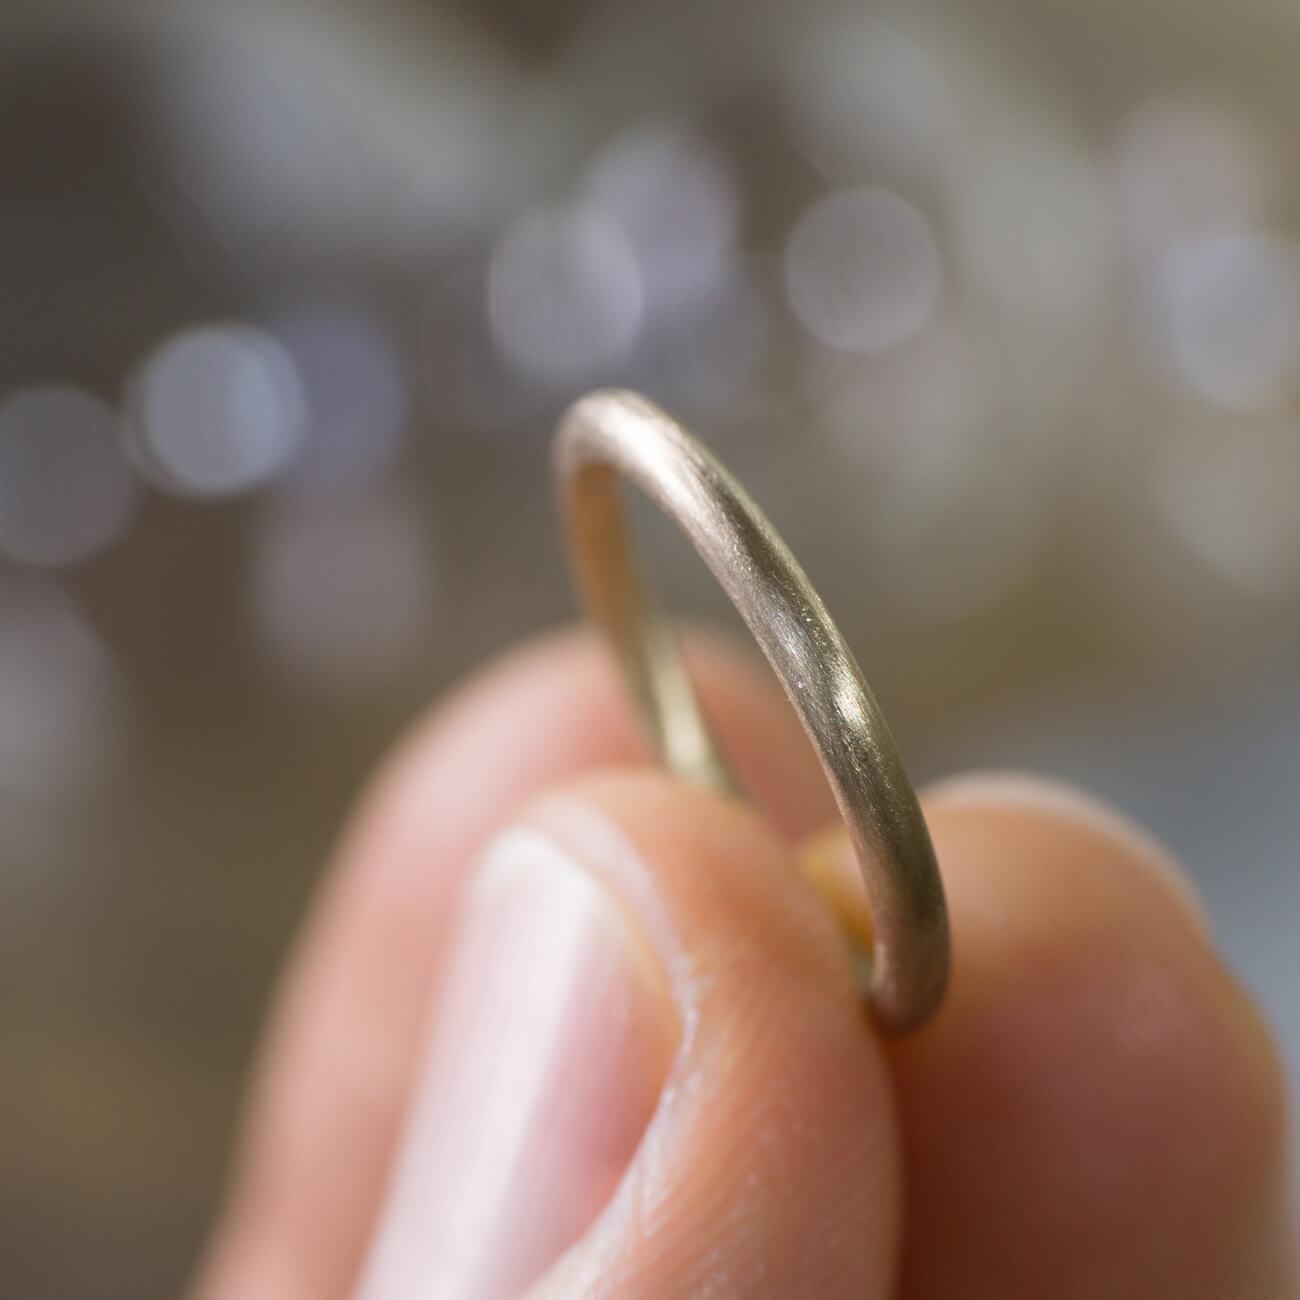 オーダーメイドマリッジリング ジュエリーのアトリエ  手に指輪 ゴールド 屋久島で作る結婚指輪